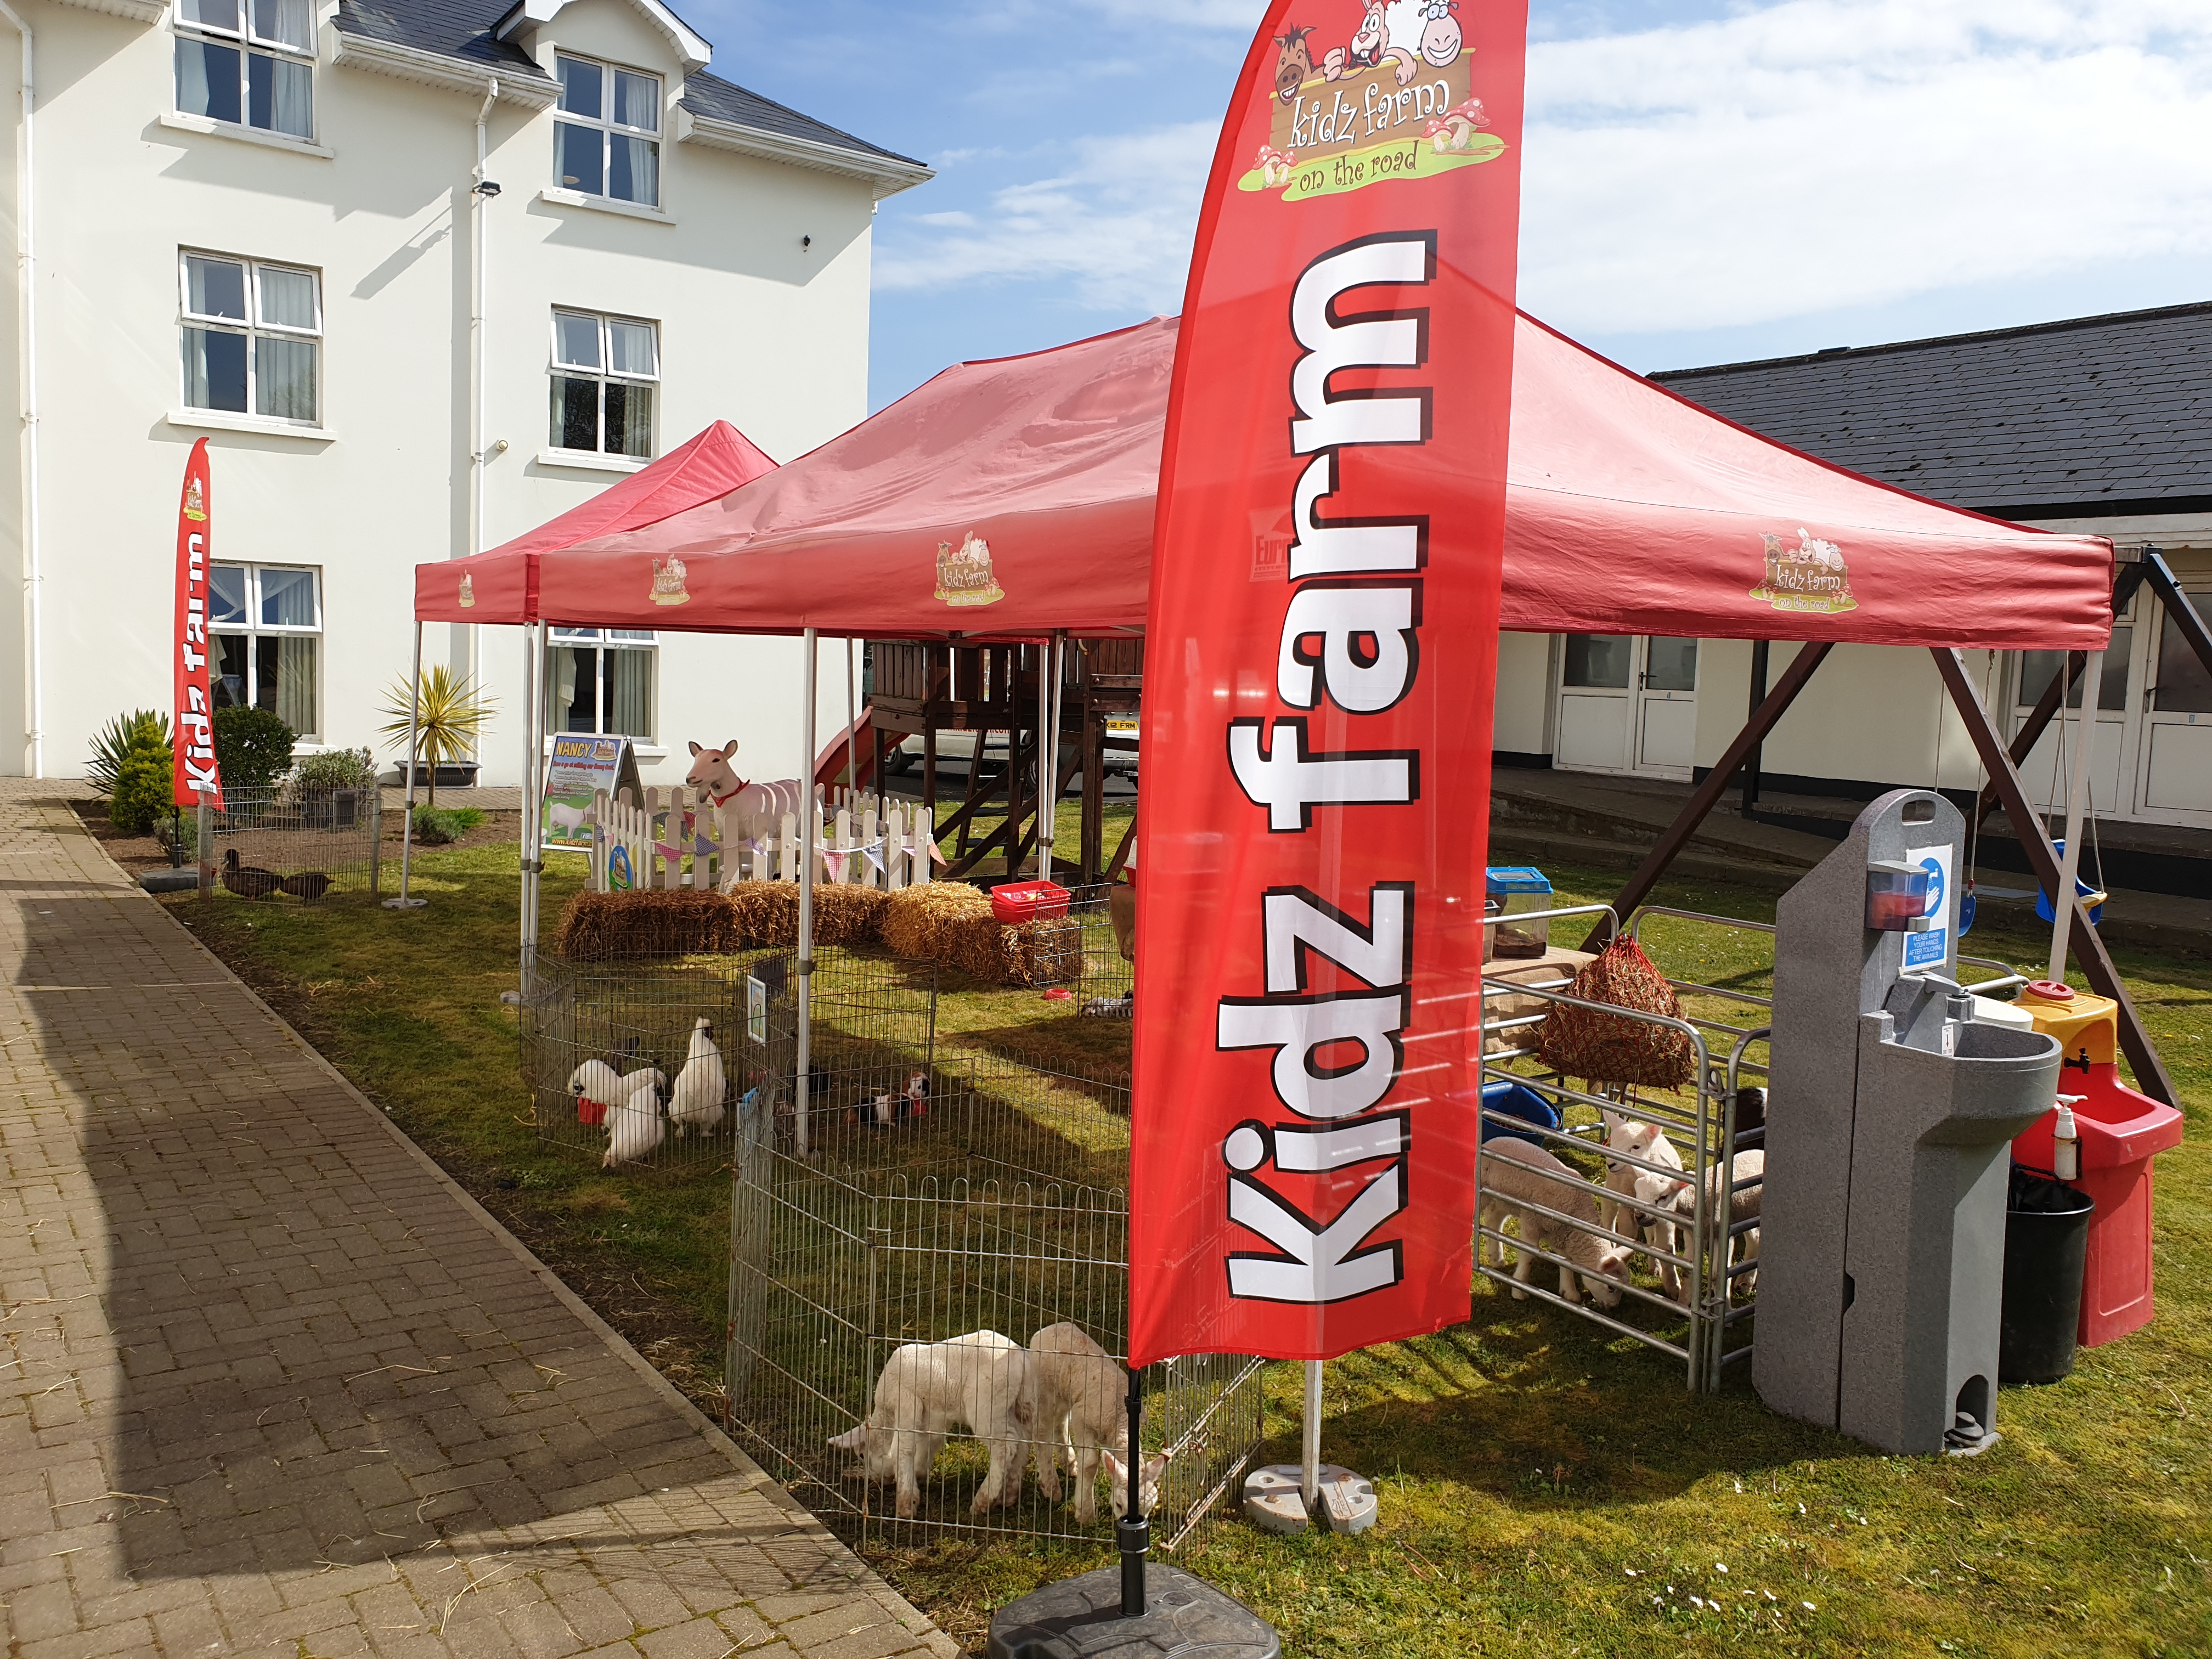 Summer time at Kidz Farm!